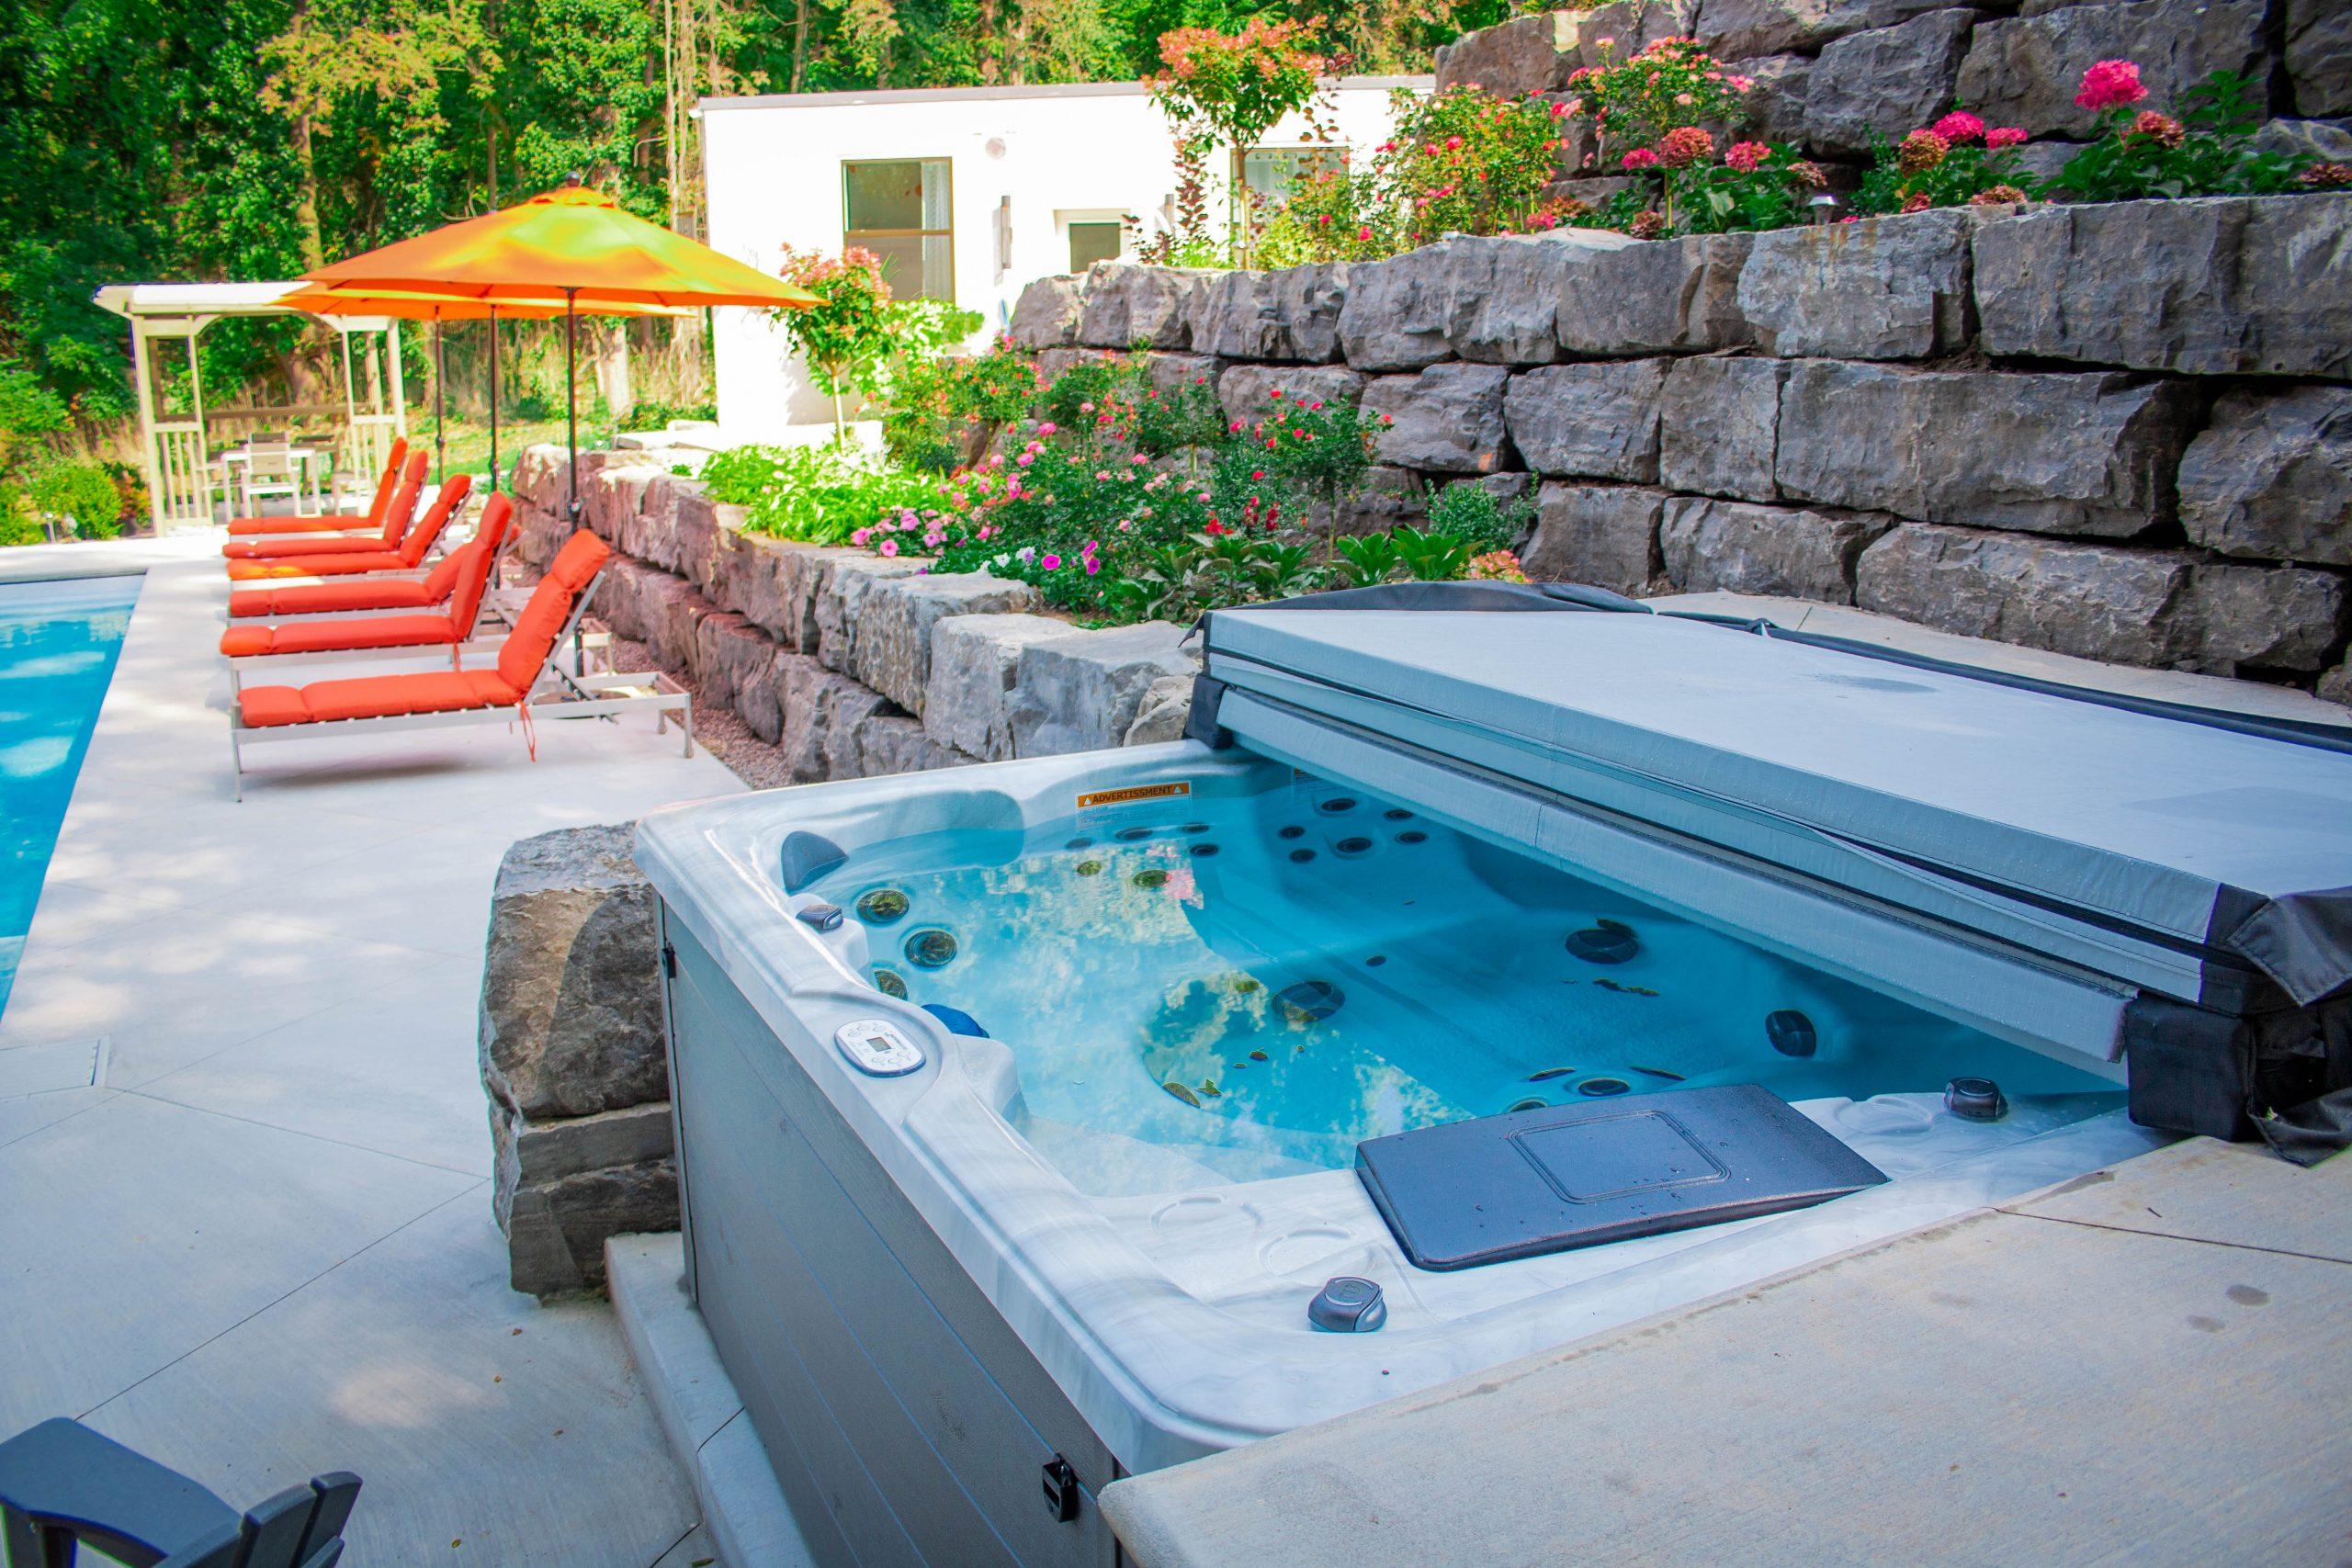 North Eastern Pools spas in showroom